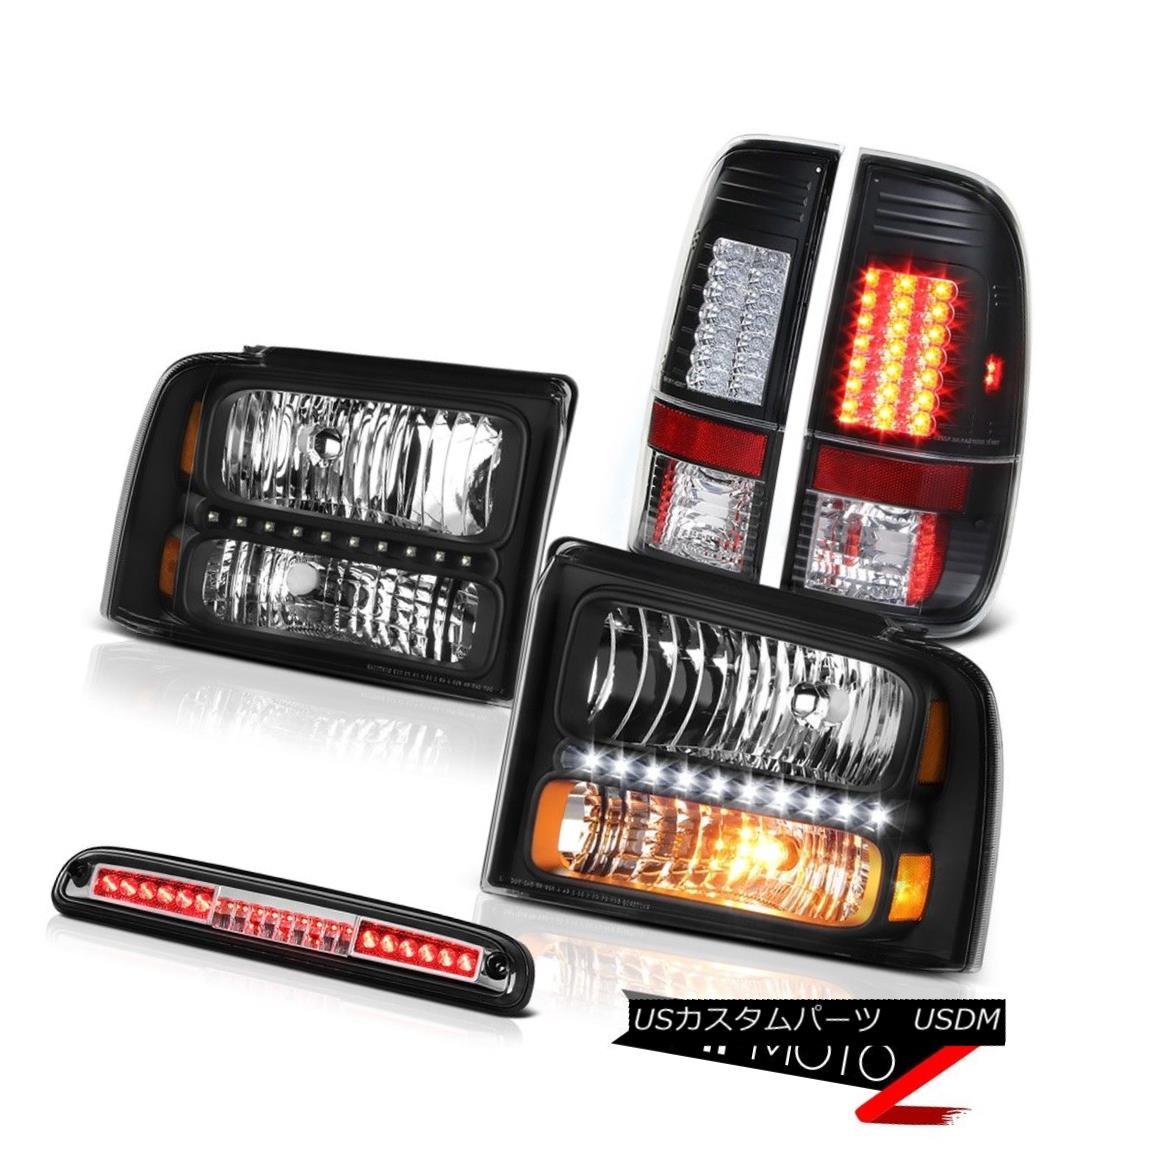 テールライト 2005 2006 2007 F350 XL Inky Black Headlights LED Tail Lights Roof Stop Chrome 2005年2006年2007年F350 XL InkyブラックヘッドライトLEDテールライトルーフストップクローム